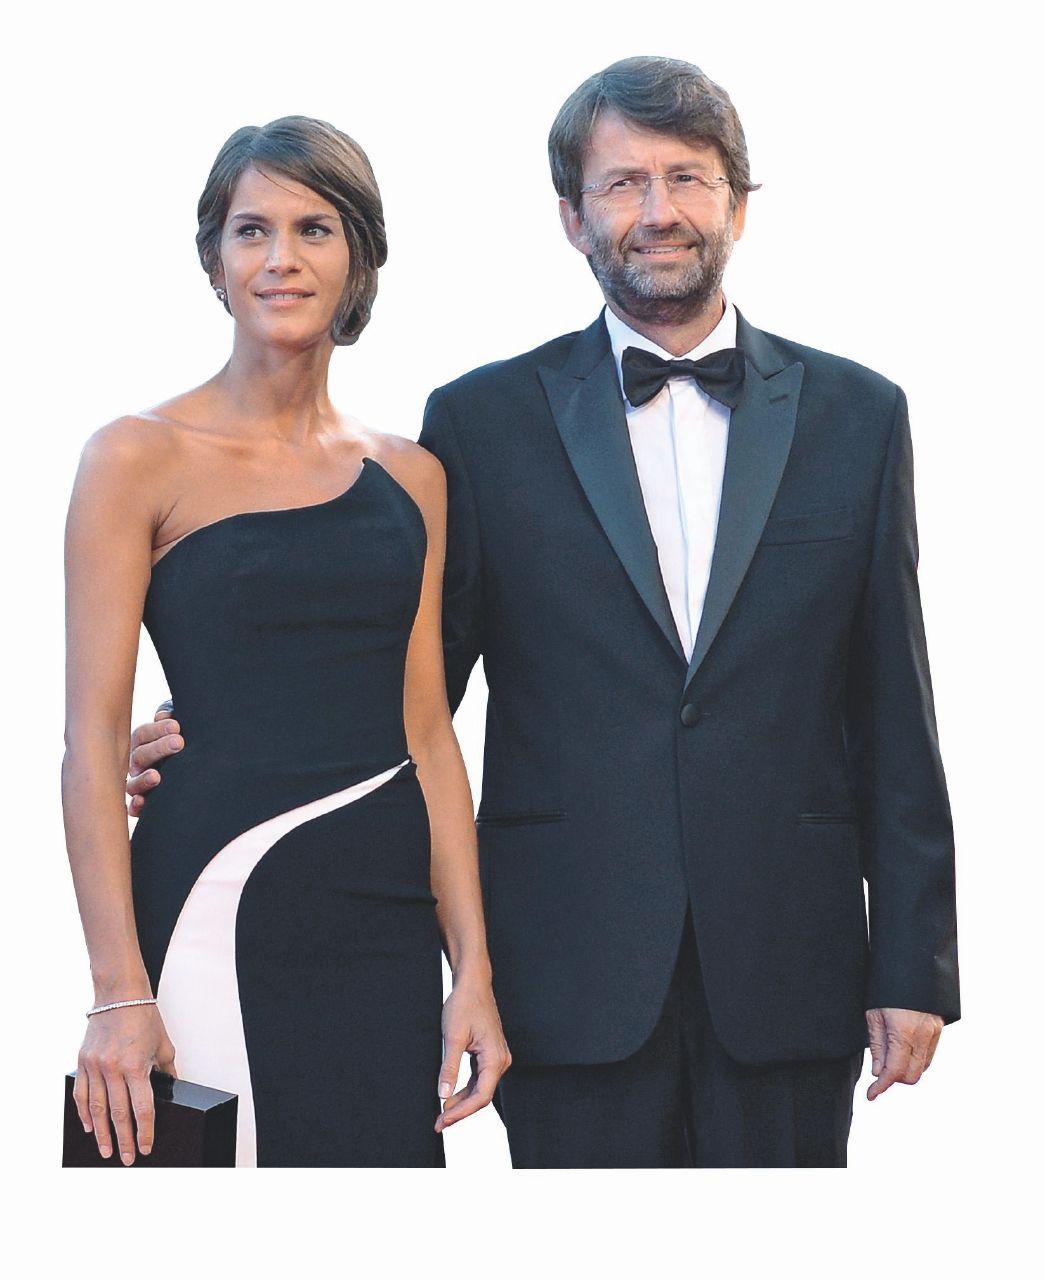 """Franceschini inventa il  finanziamento  """"ad mogliem"""": 40 milioni di euro"""